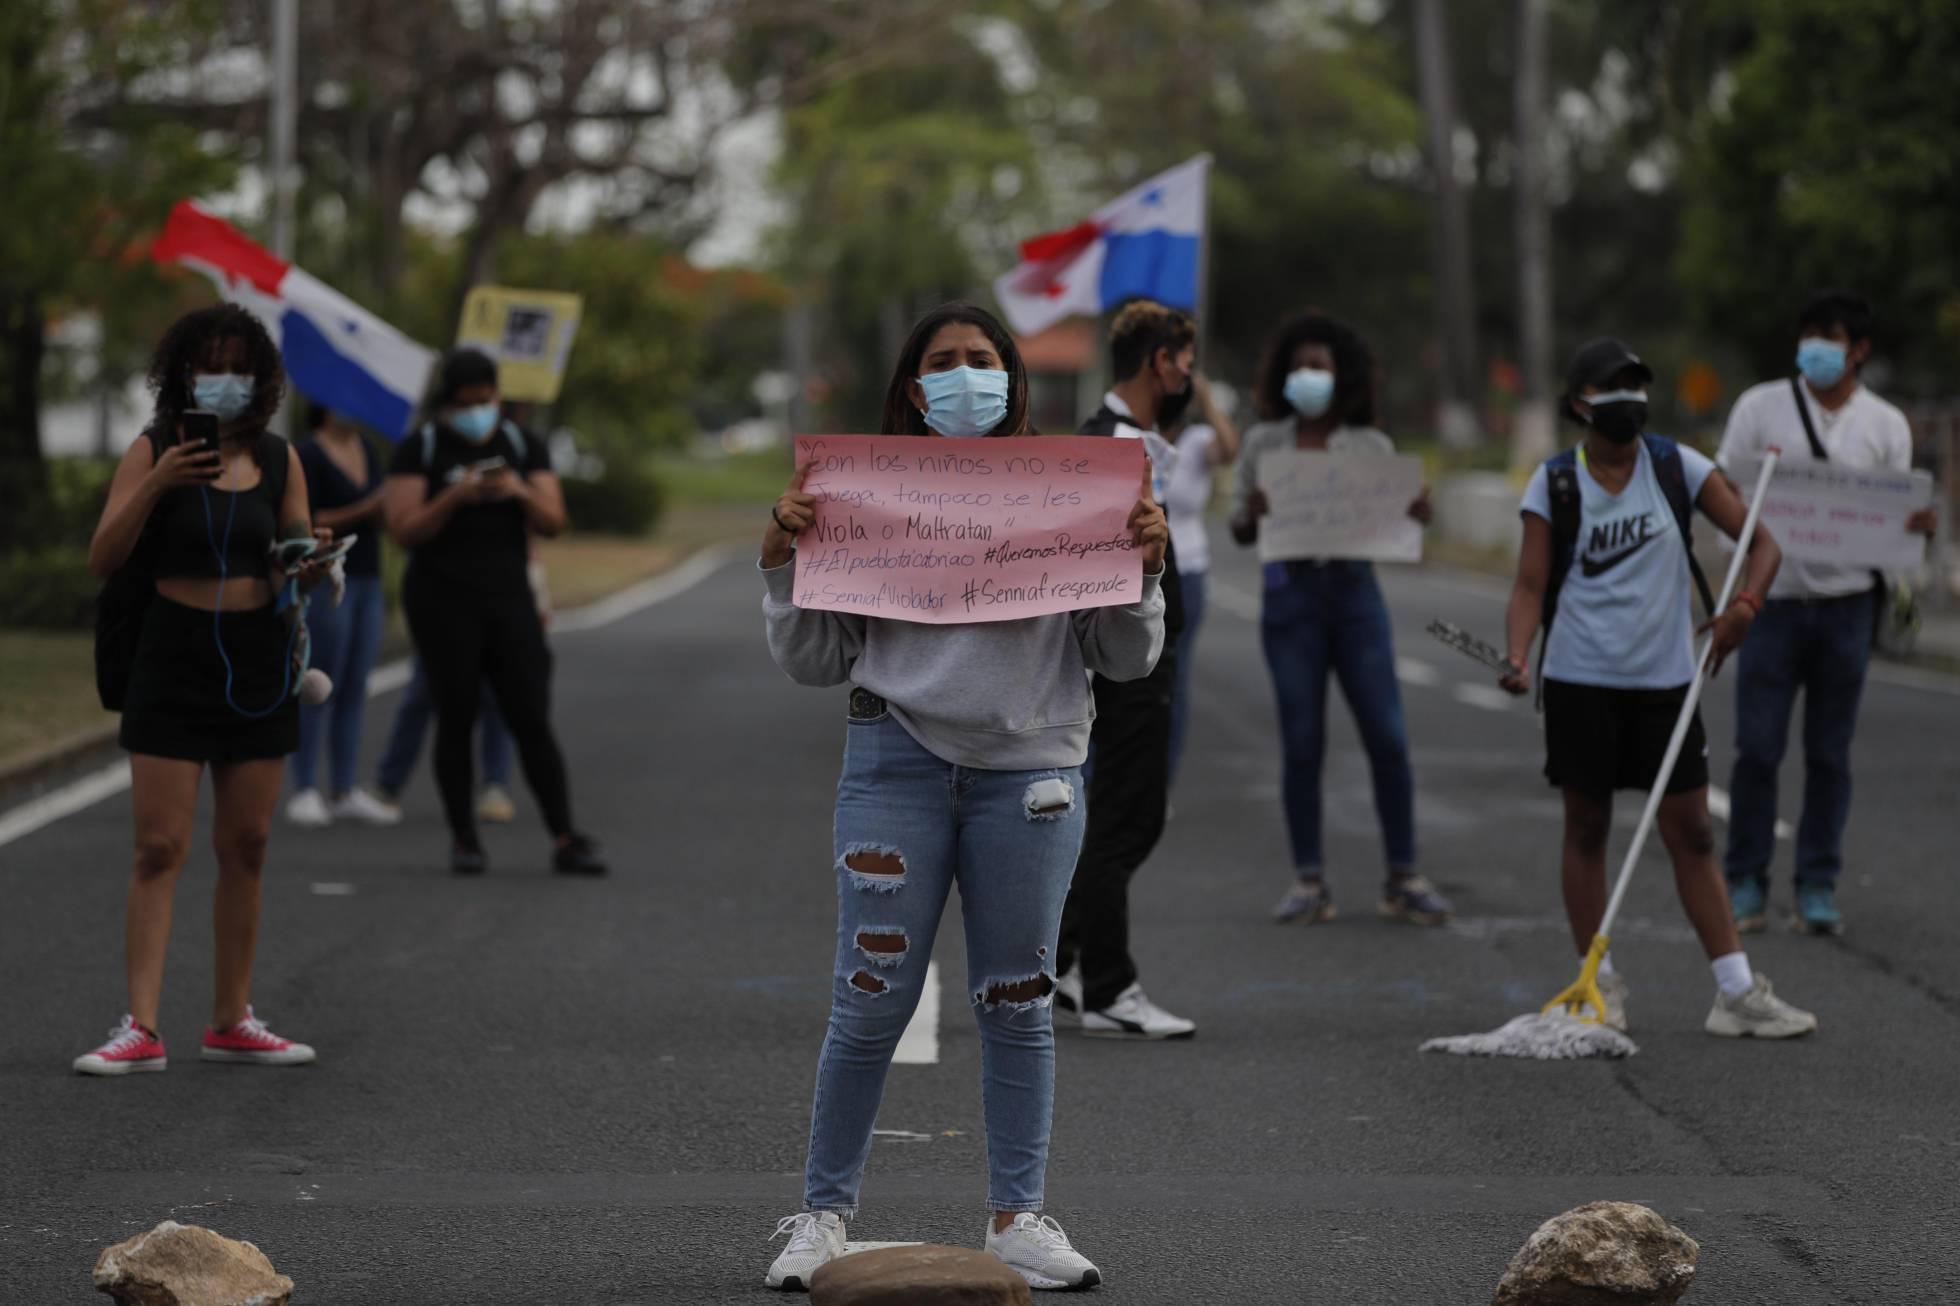 Panameños protestan frente a la Secretaría Nacional de Niñez, Adolescencia y Familia bloqueando la Avenida Balboa, una de las principales vías de Ciudad de Panamá, durante una manifestación contra la violencia y los abusos en los centros de acogida de menores, hoy en Ciudad de Panamá.